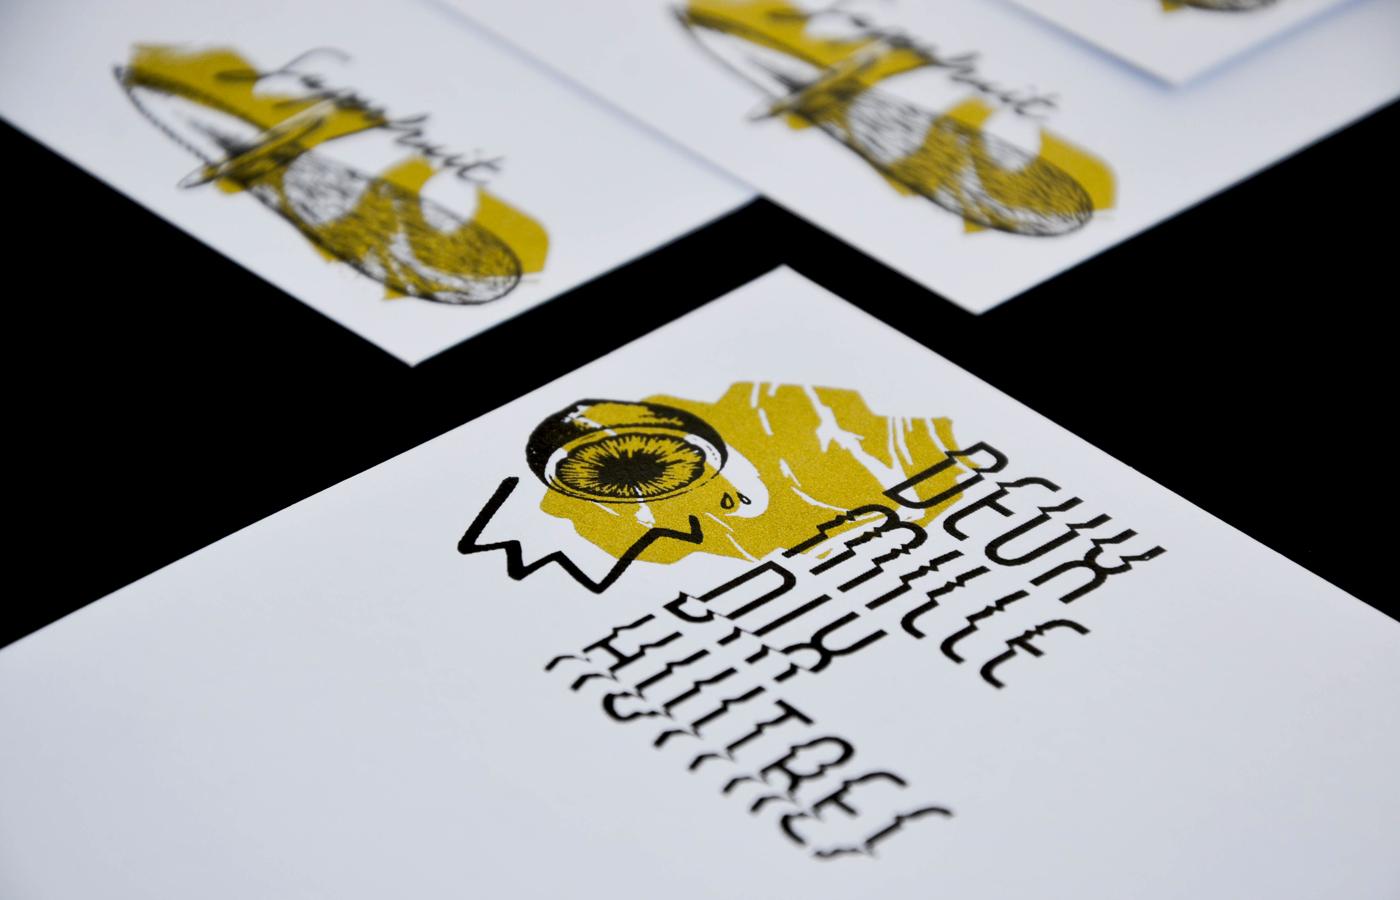 Photo détail des versos des cartes de voeux 2018 imprimées en sérigraphie par Superfruit. Couteau à huitres, citron et marbrures dorées